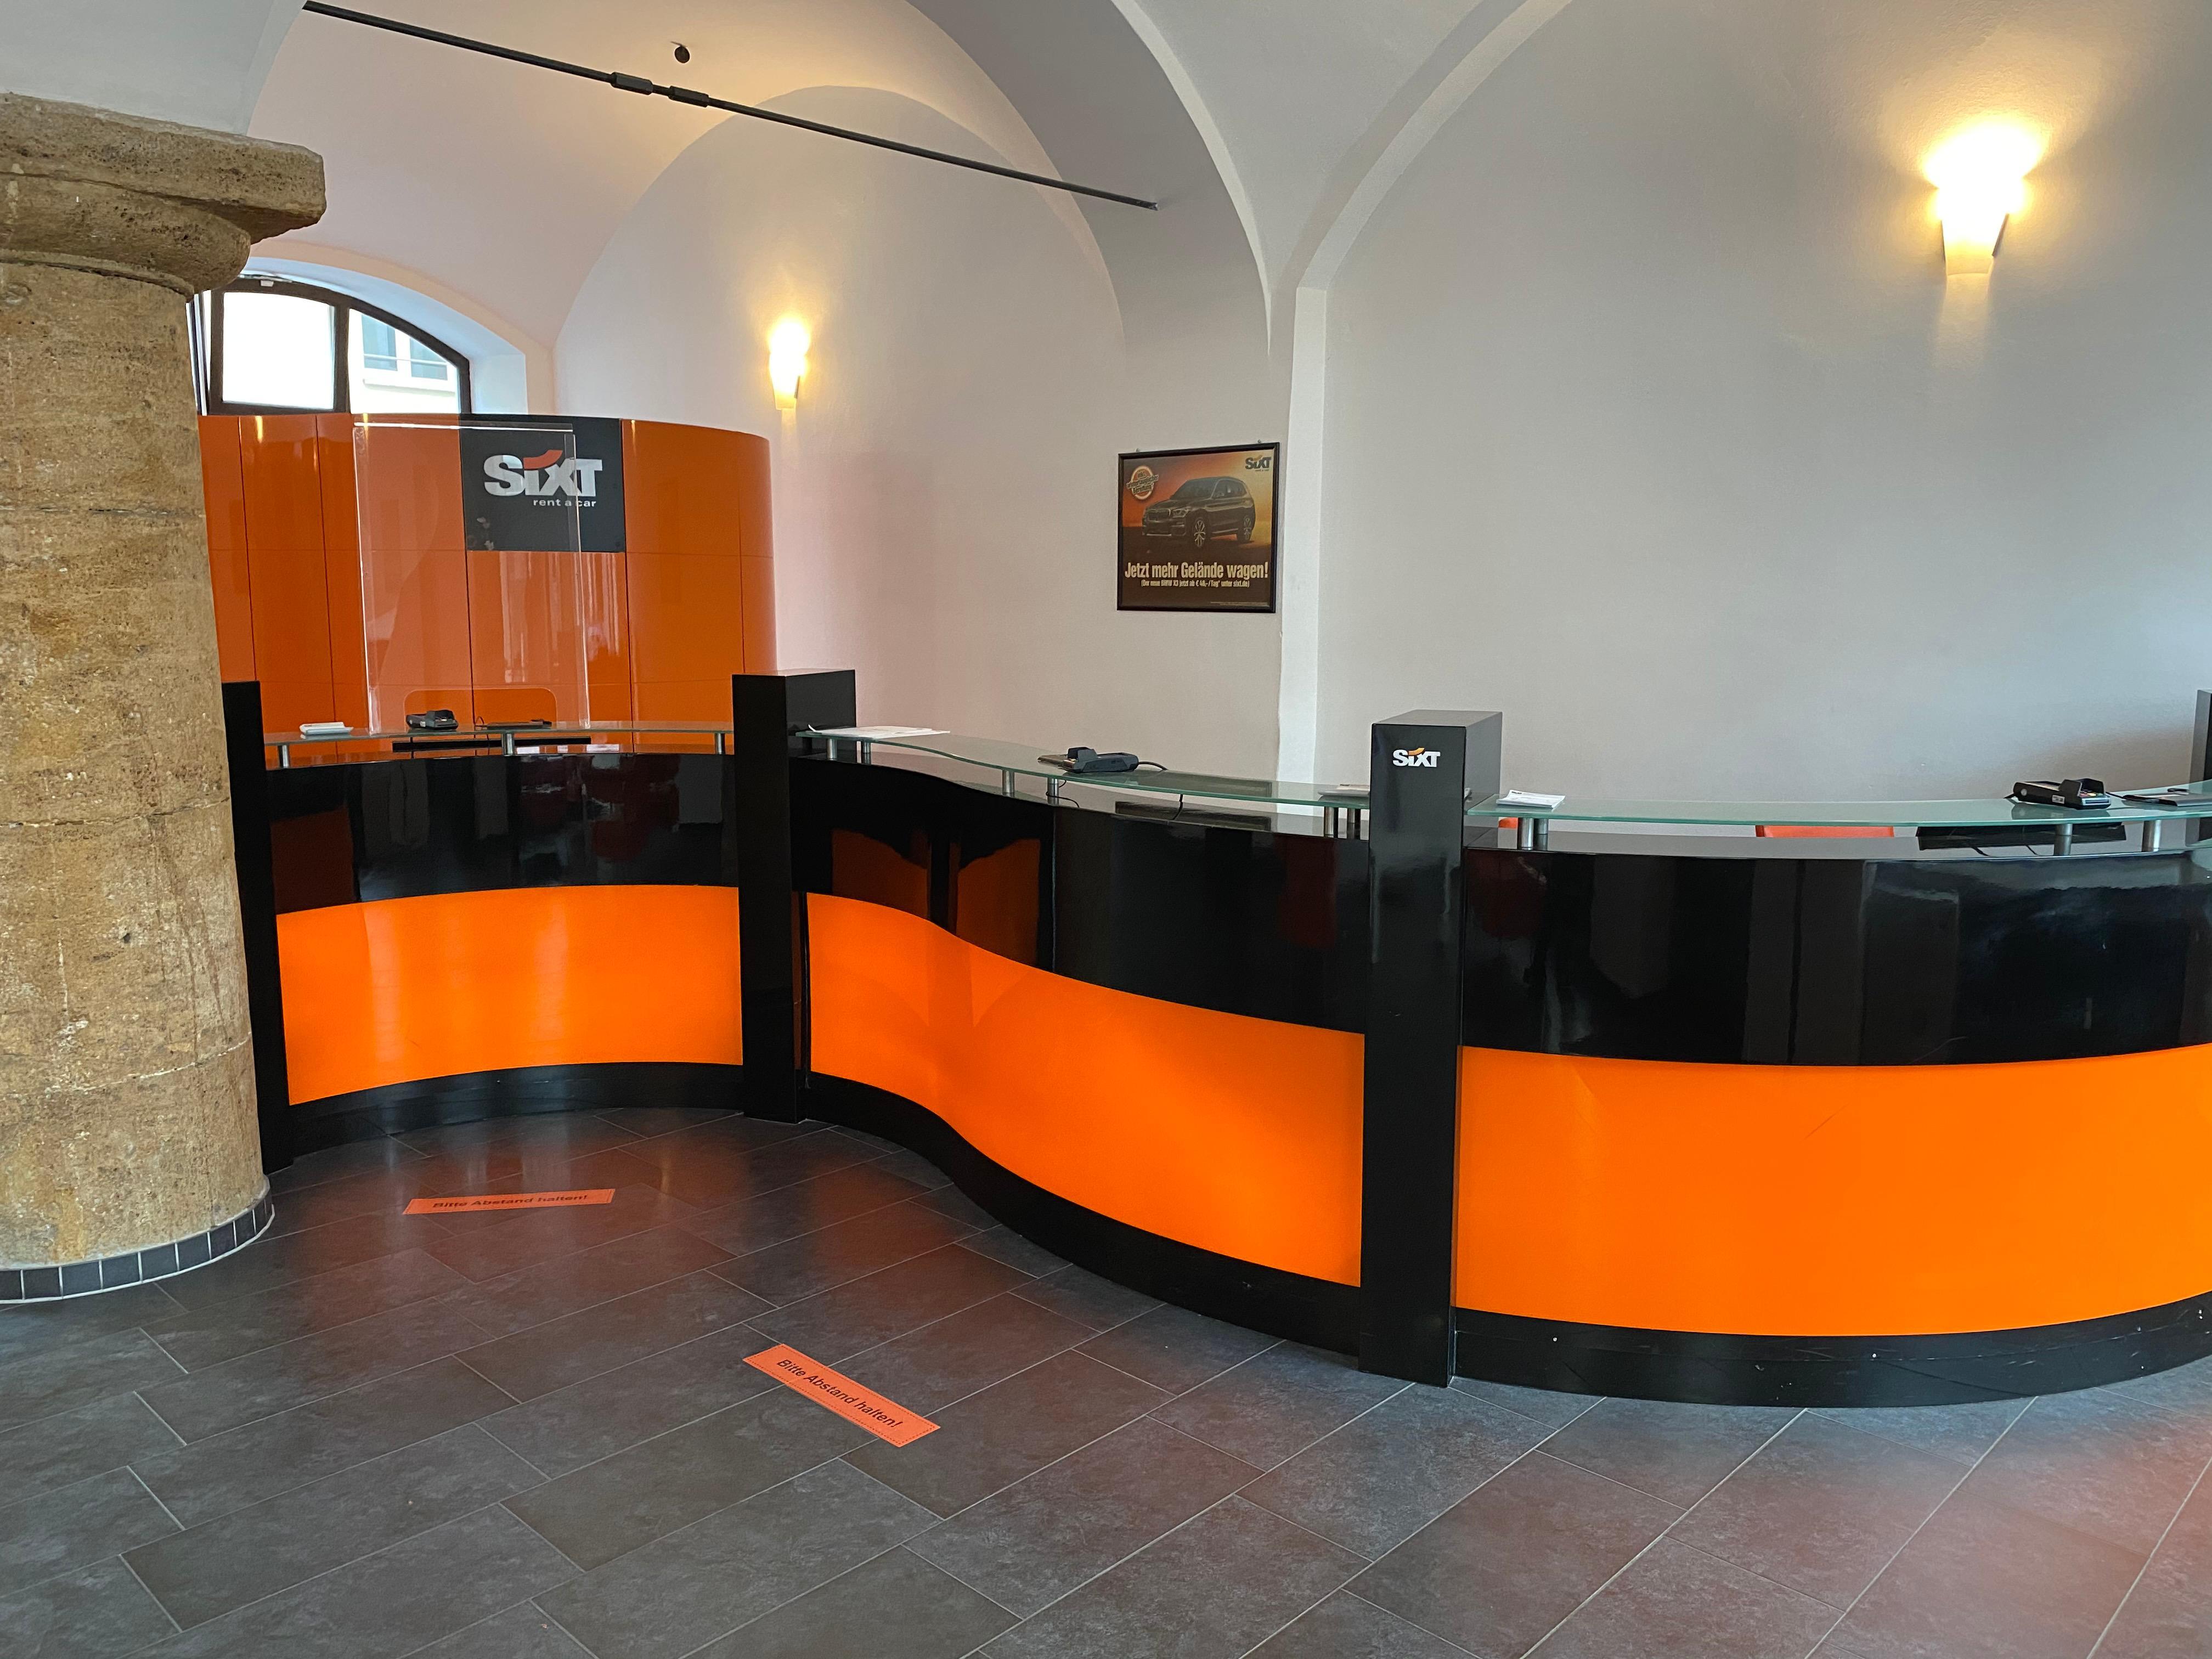 SIXT Autovermietung München Altstadt-Lehel, Seitzstr. 9-11 in München